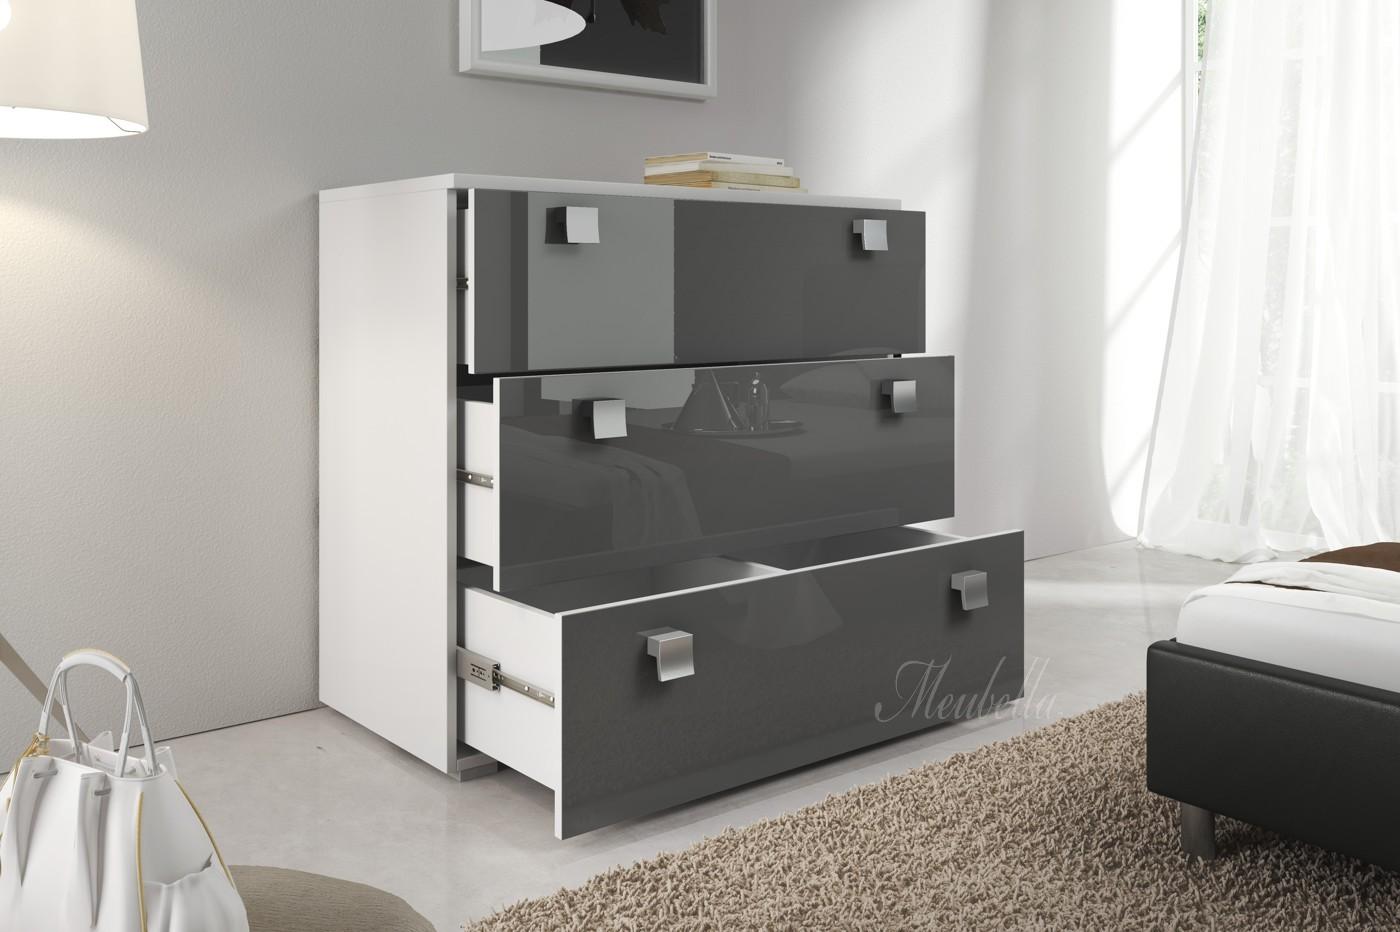 Dressoir kasten slaapkamer beste inspiratie voor interieur design en meubels idee n - Model slaapkamer ...